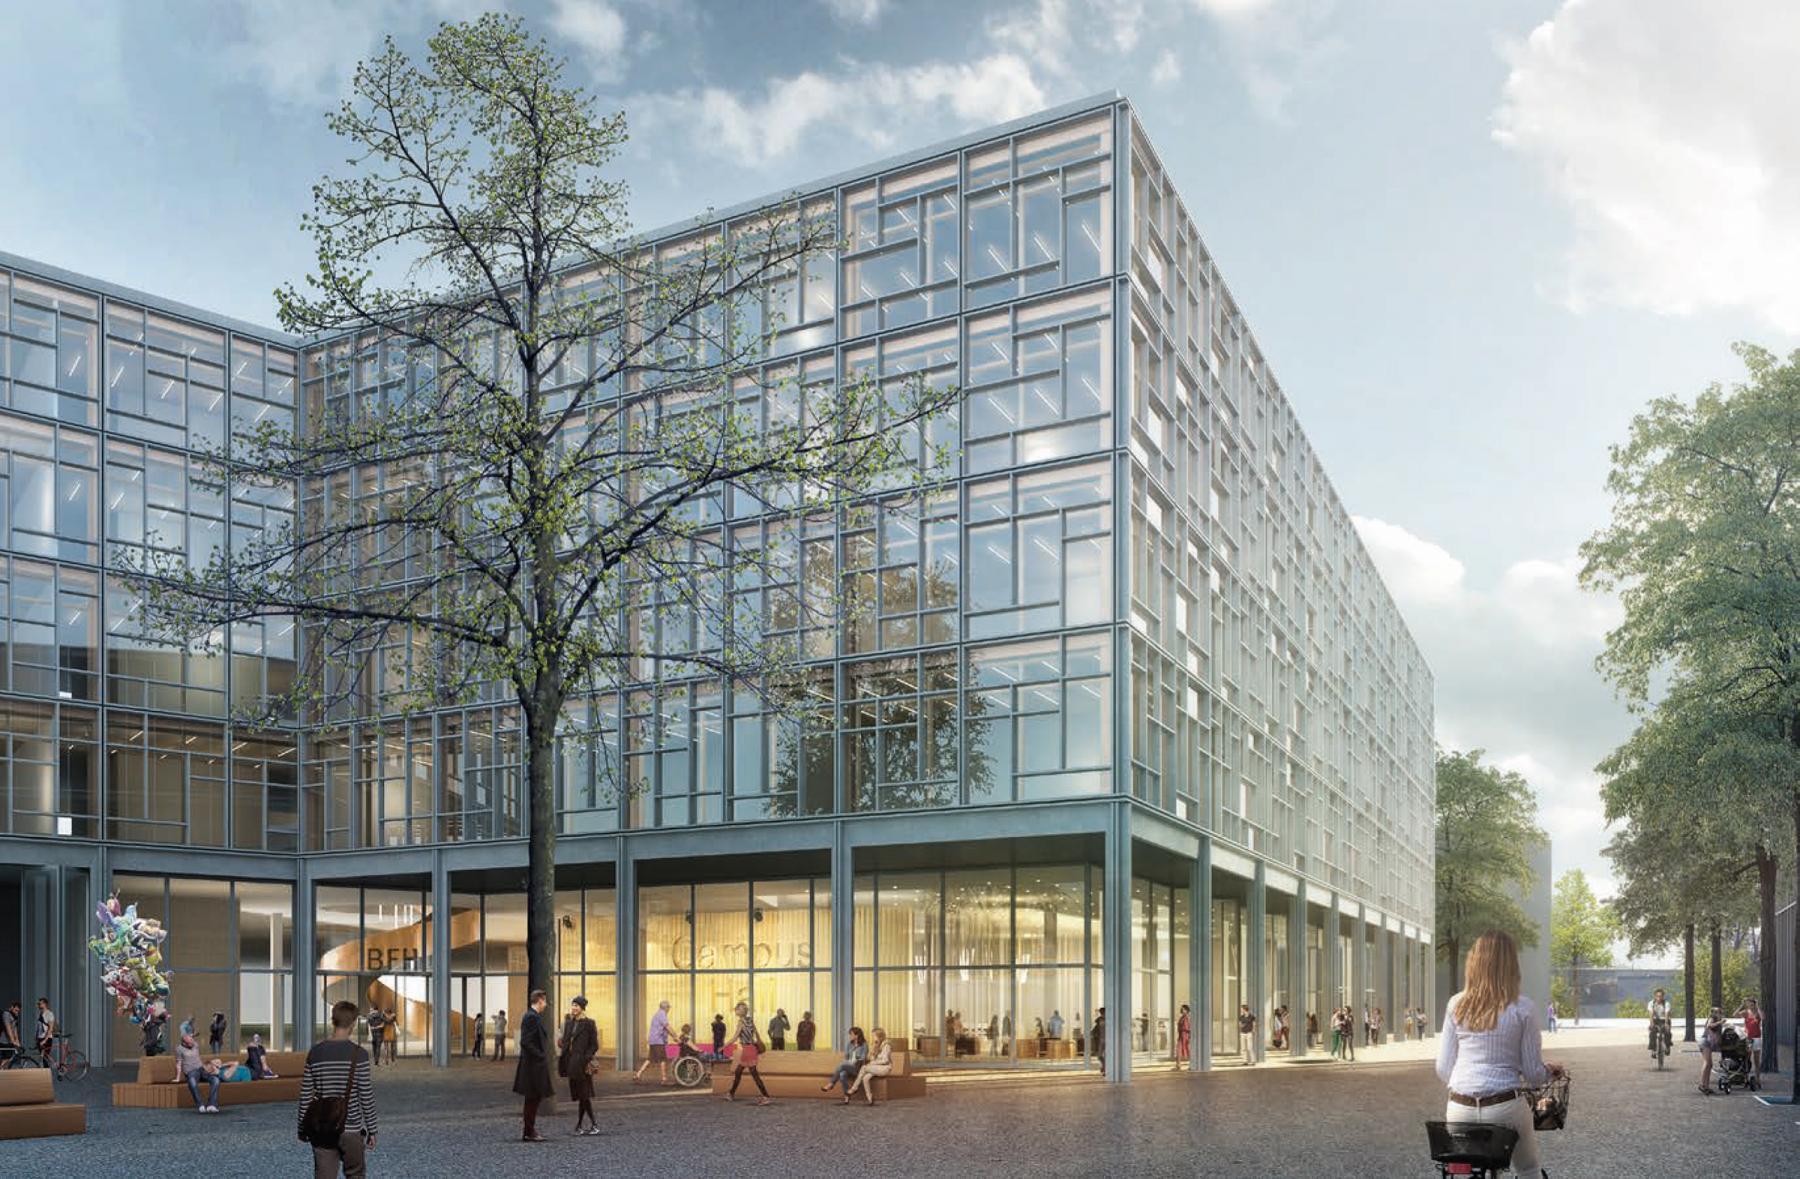 Neubau Campus (Technik und Informatik, Architektur, Holz und Bau) Berner Fachhochschule BFH, Biel/Bienne, pool Architekten, Trèfle